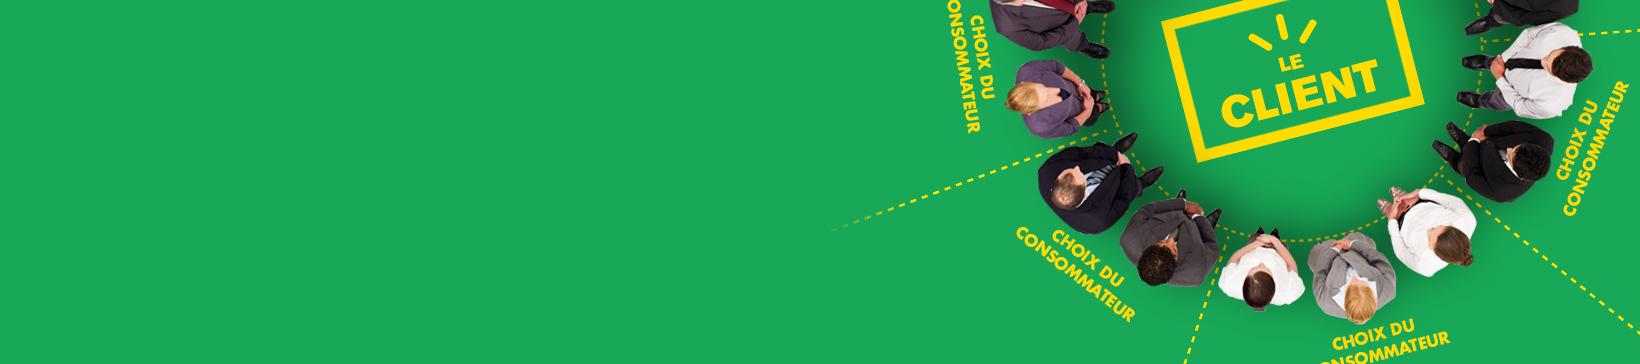 HG-Client-Entreprises-Choix-Consomateur